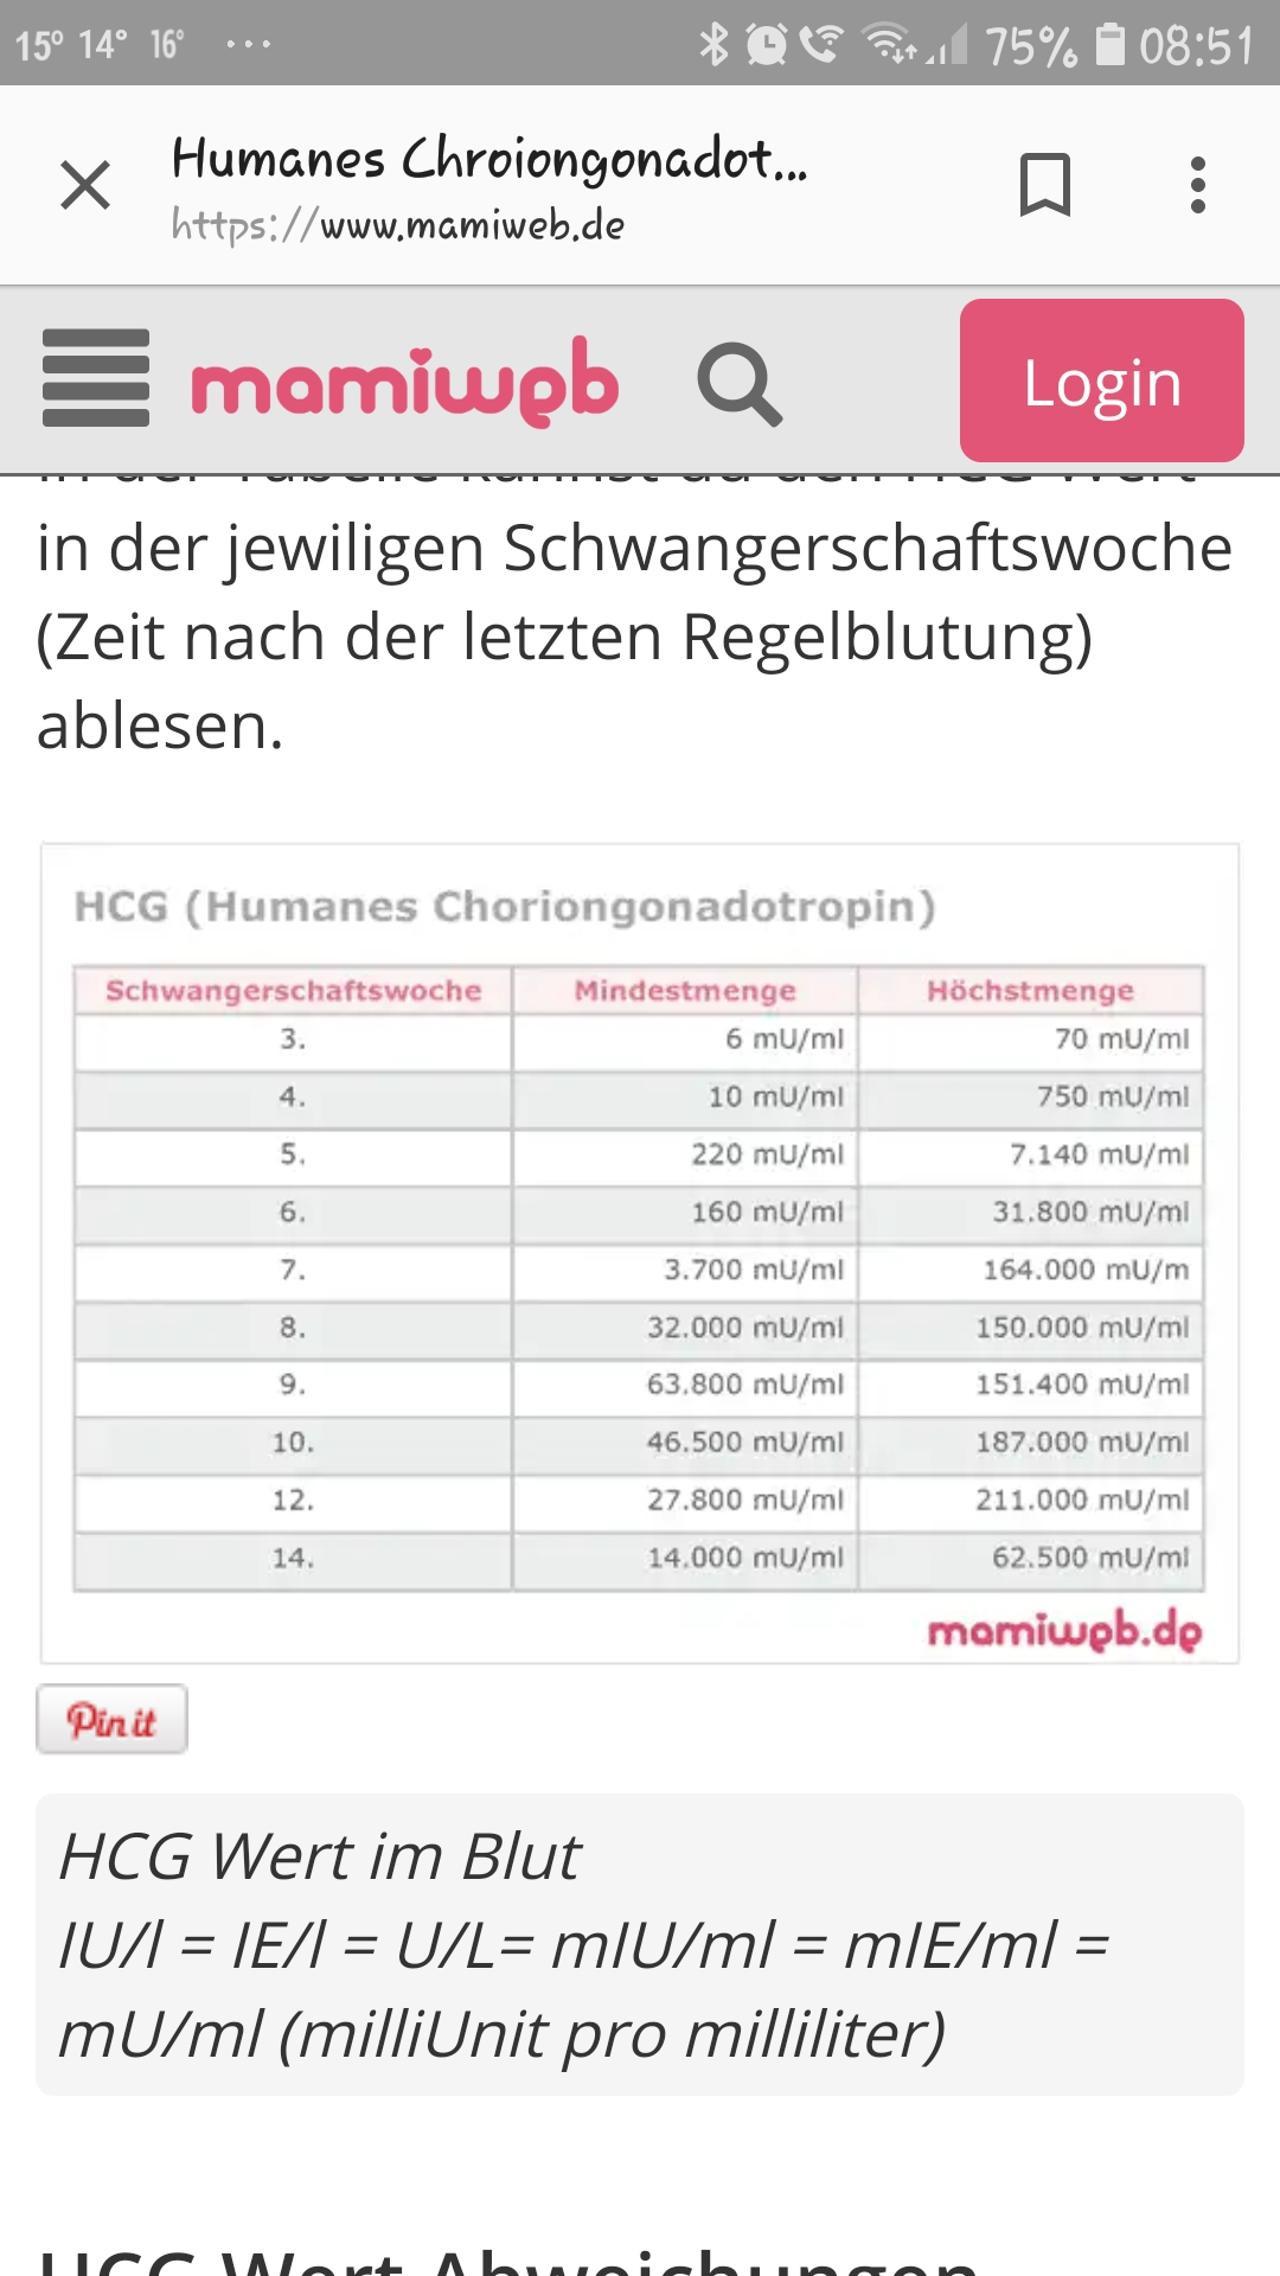 Hcg Wert Tabelle  Hcg wert im Blut nur 315